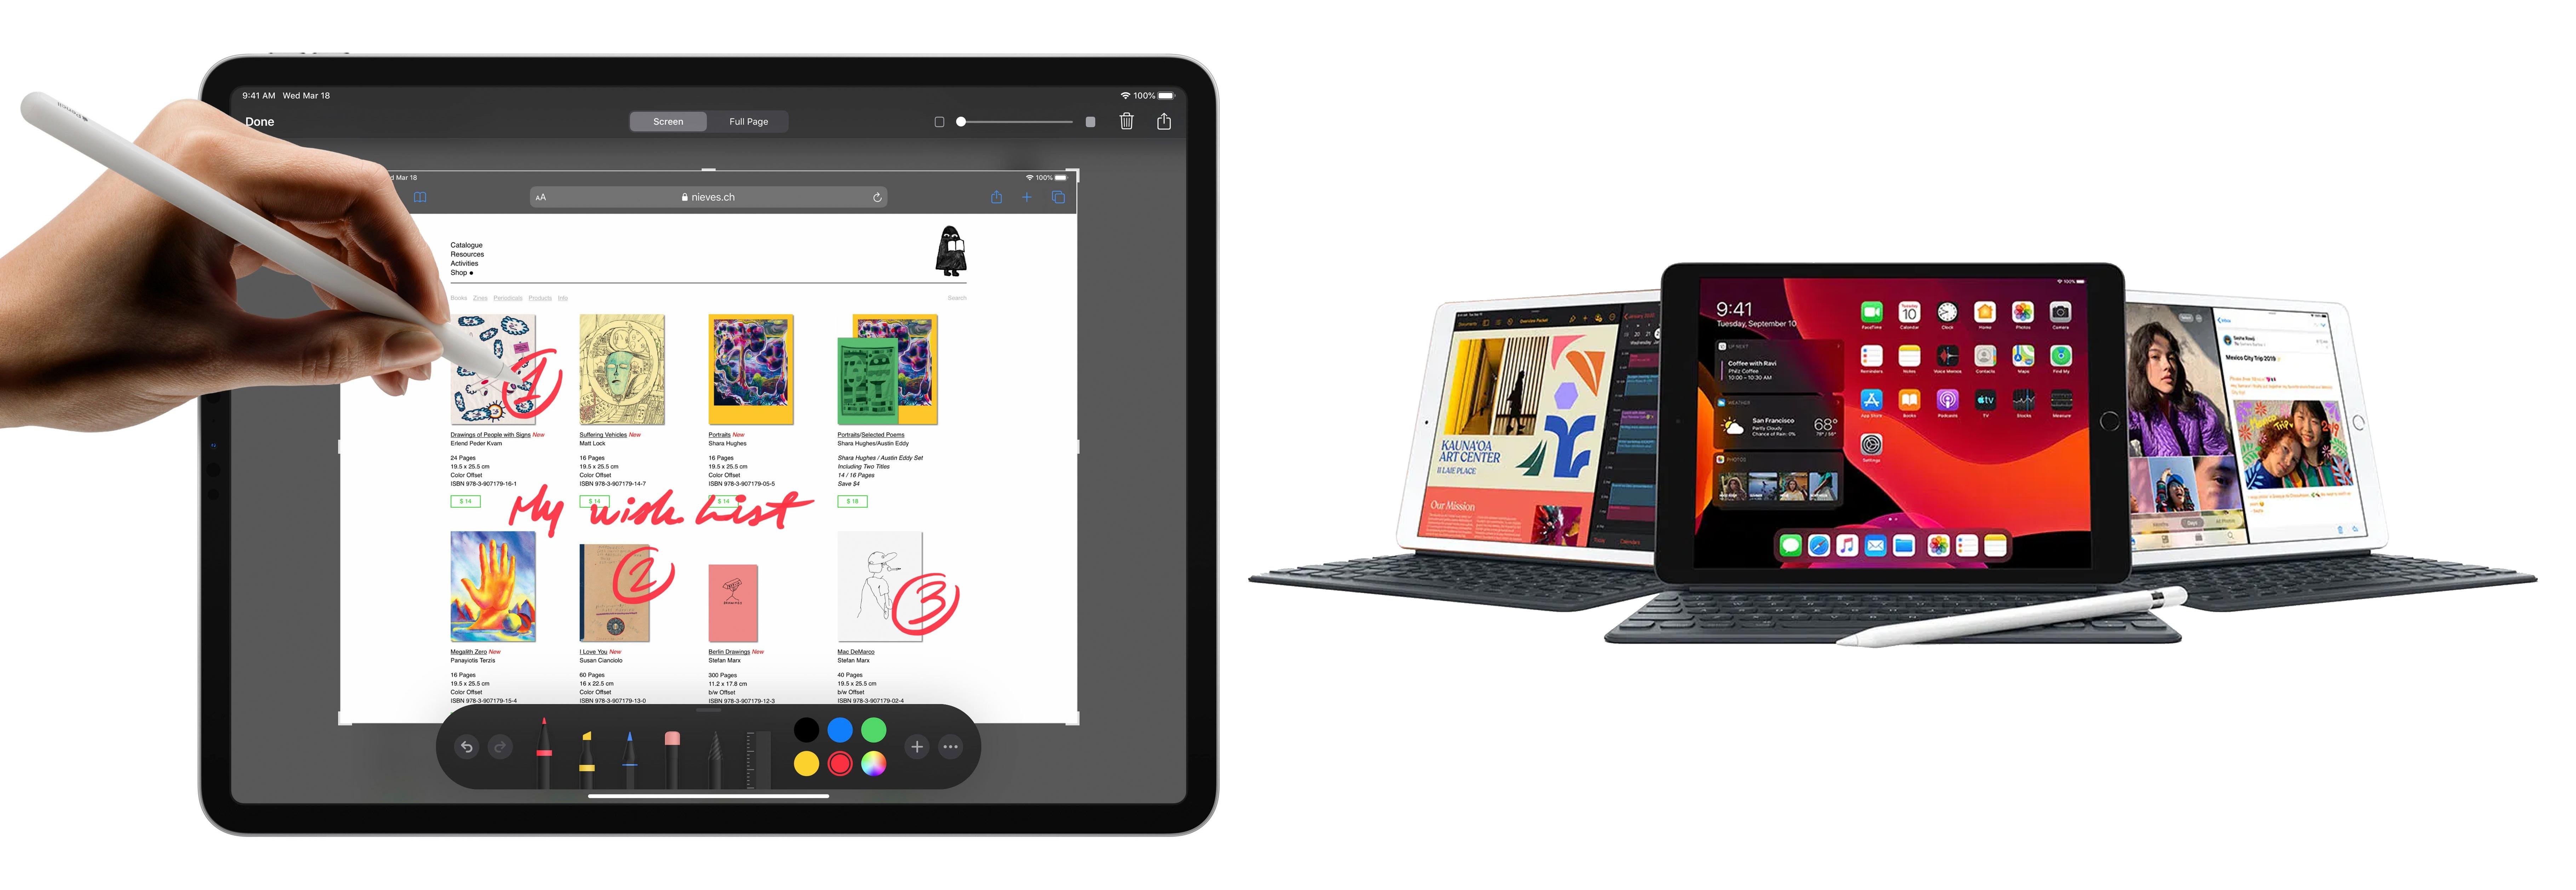 apple-pages-ipad.jpg